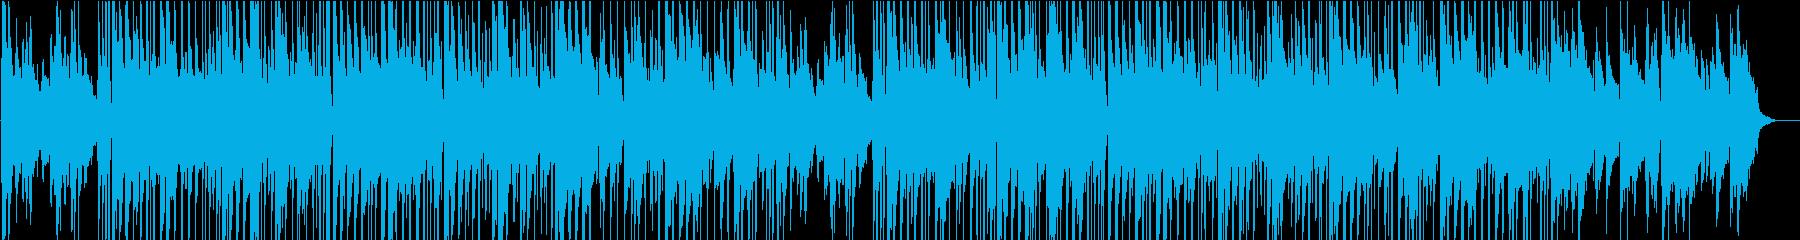 ゆったりムーディーなジャズサウンドの再生済みの波形